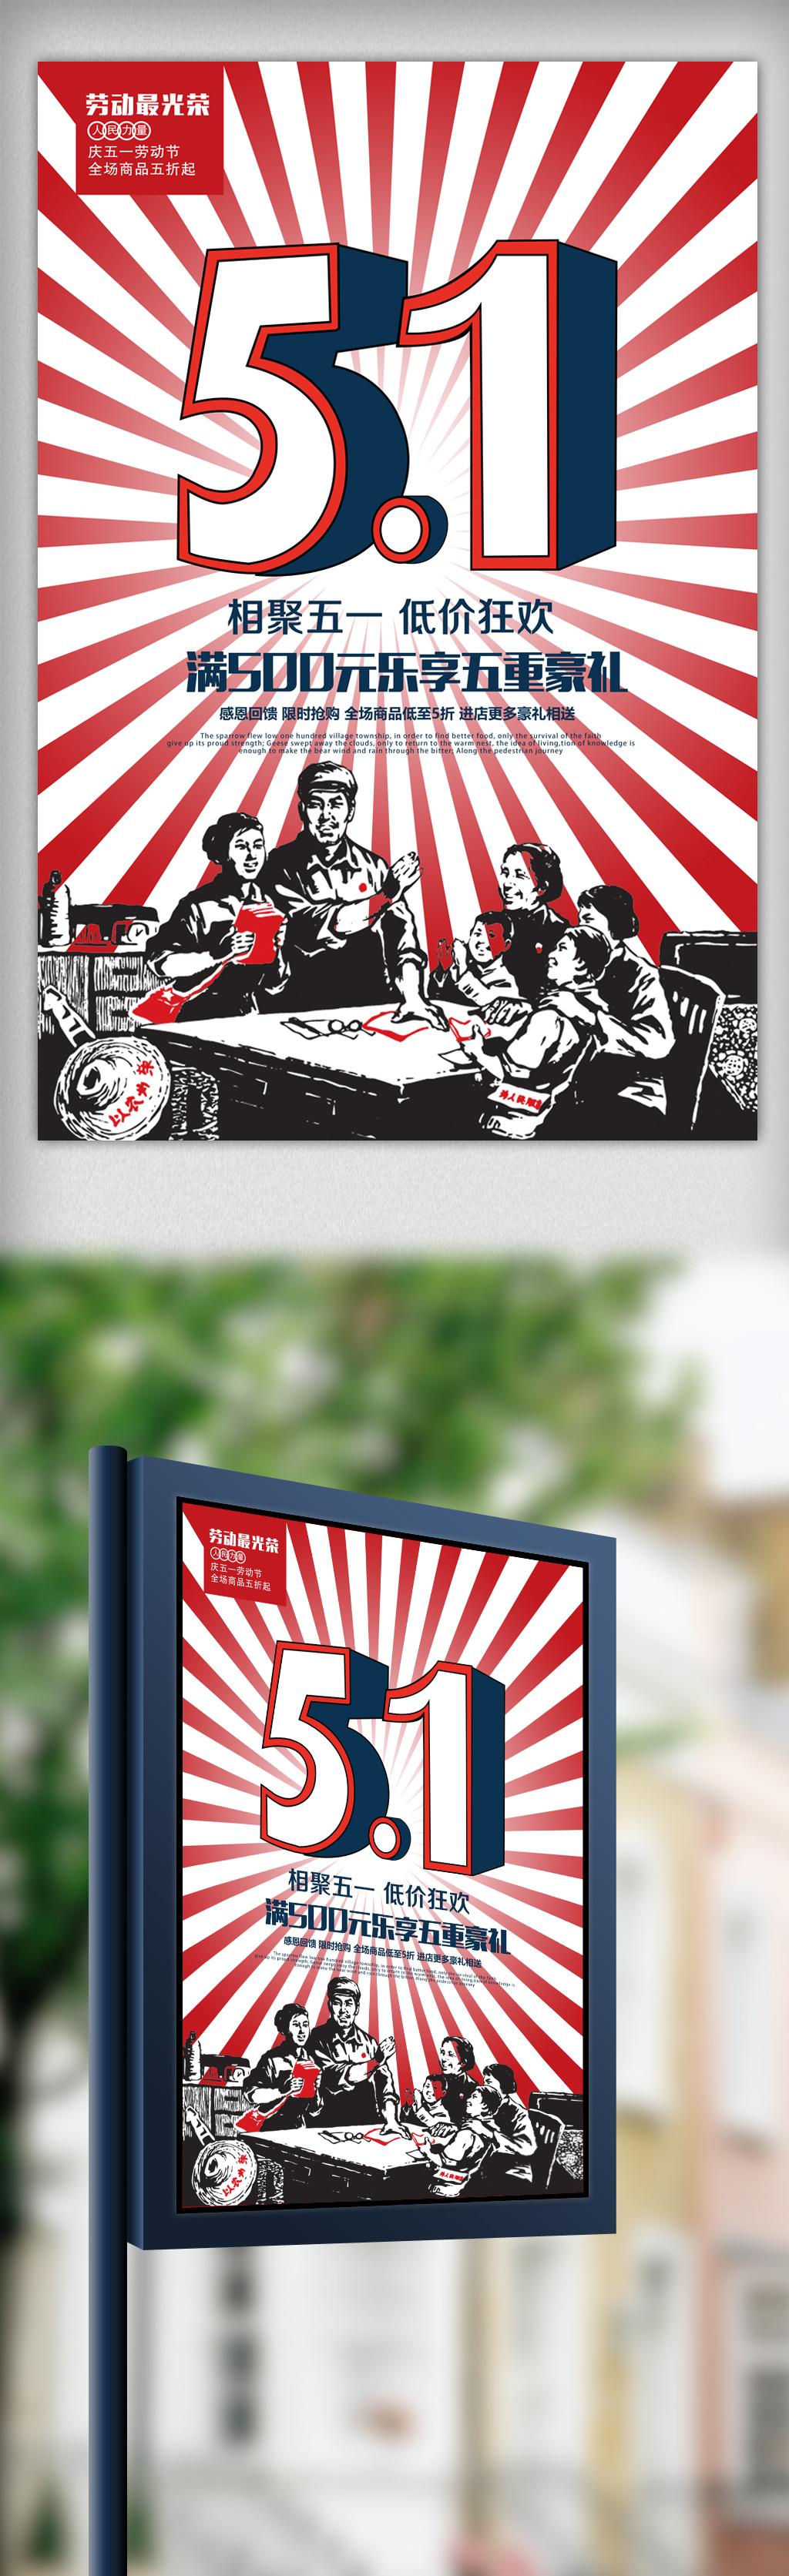 平面|广告设计 海报设计 pop海报 > 时尚五一促销海报   图片编号